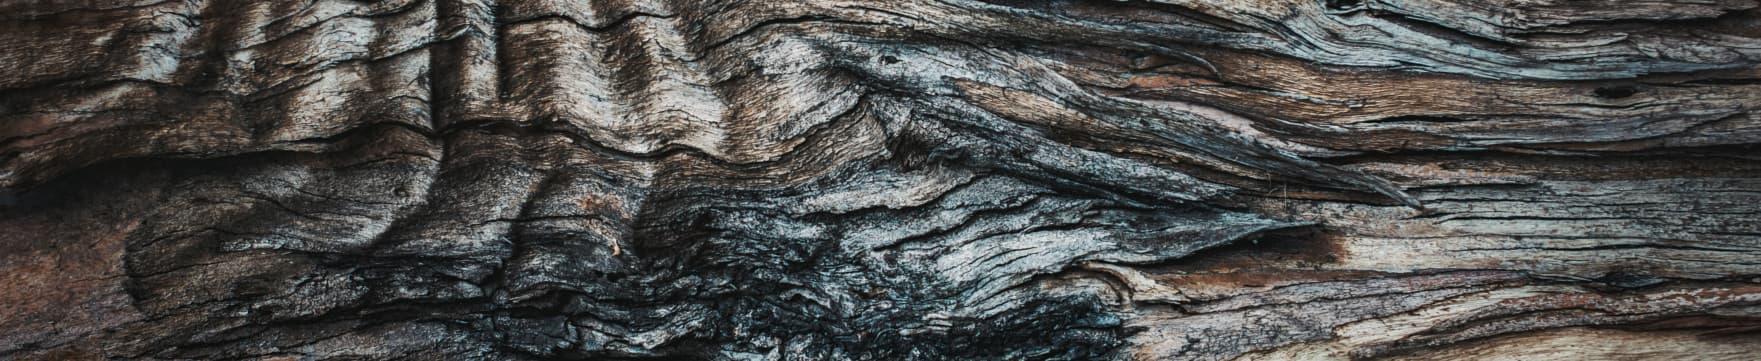 Vorteile eines Holzbaus gegenüber eines Mauerwerksbaus